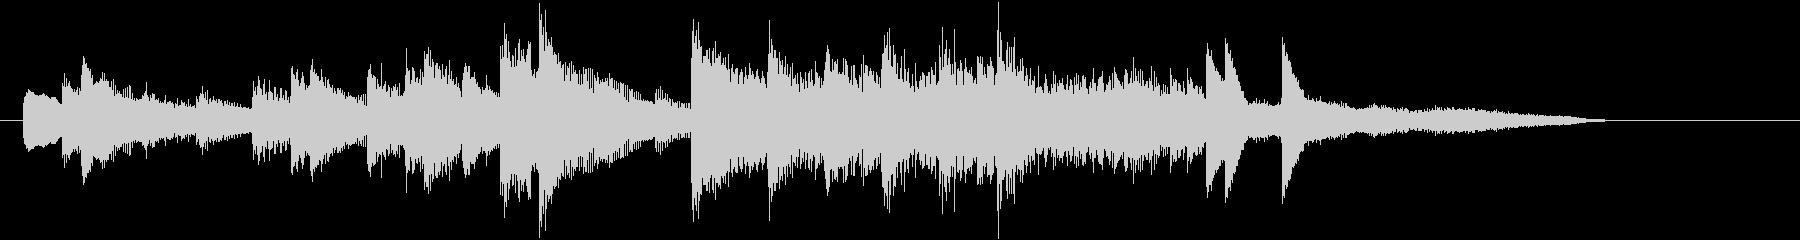 「乾杯の歌」モチーフのピアノジングルCの未再生の波形